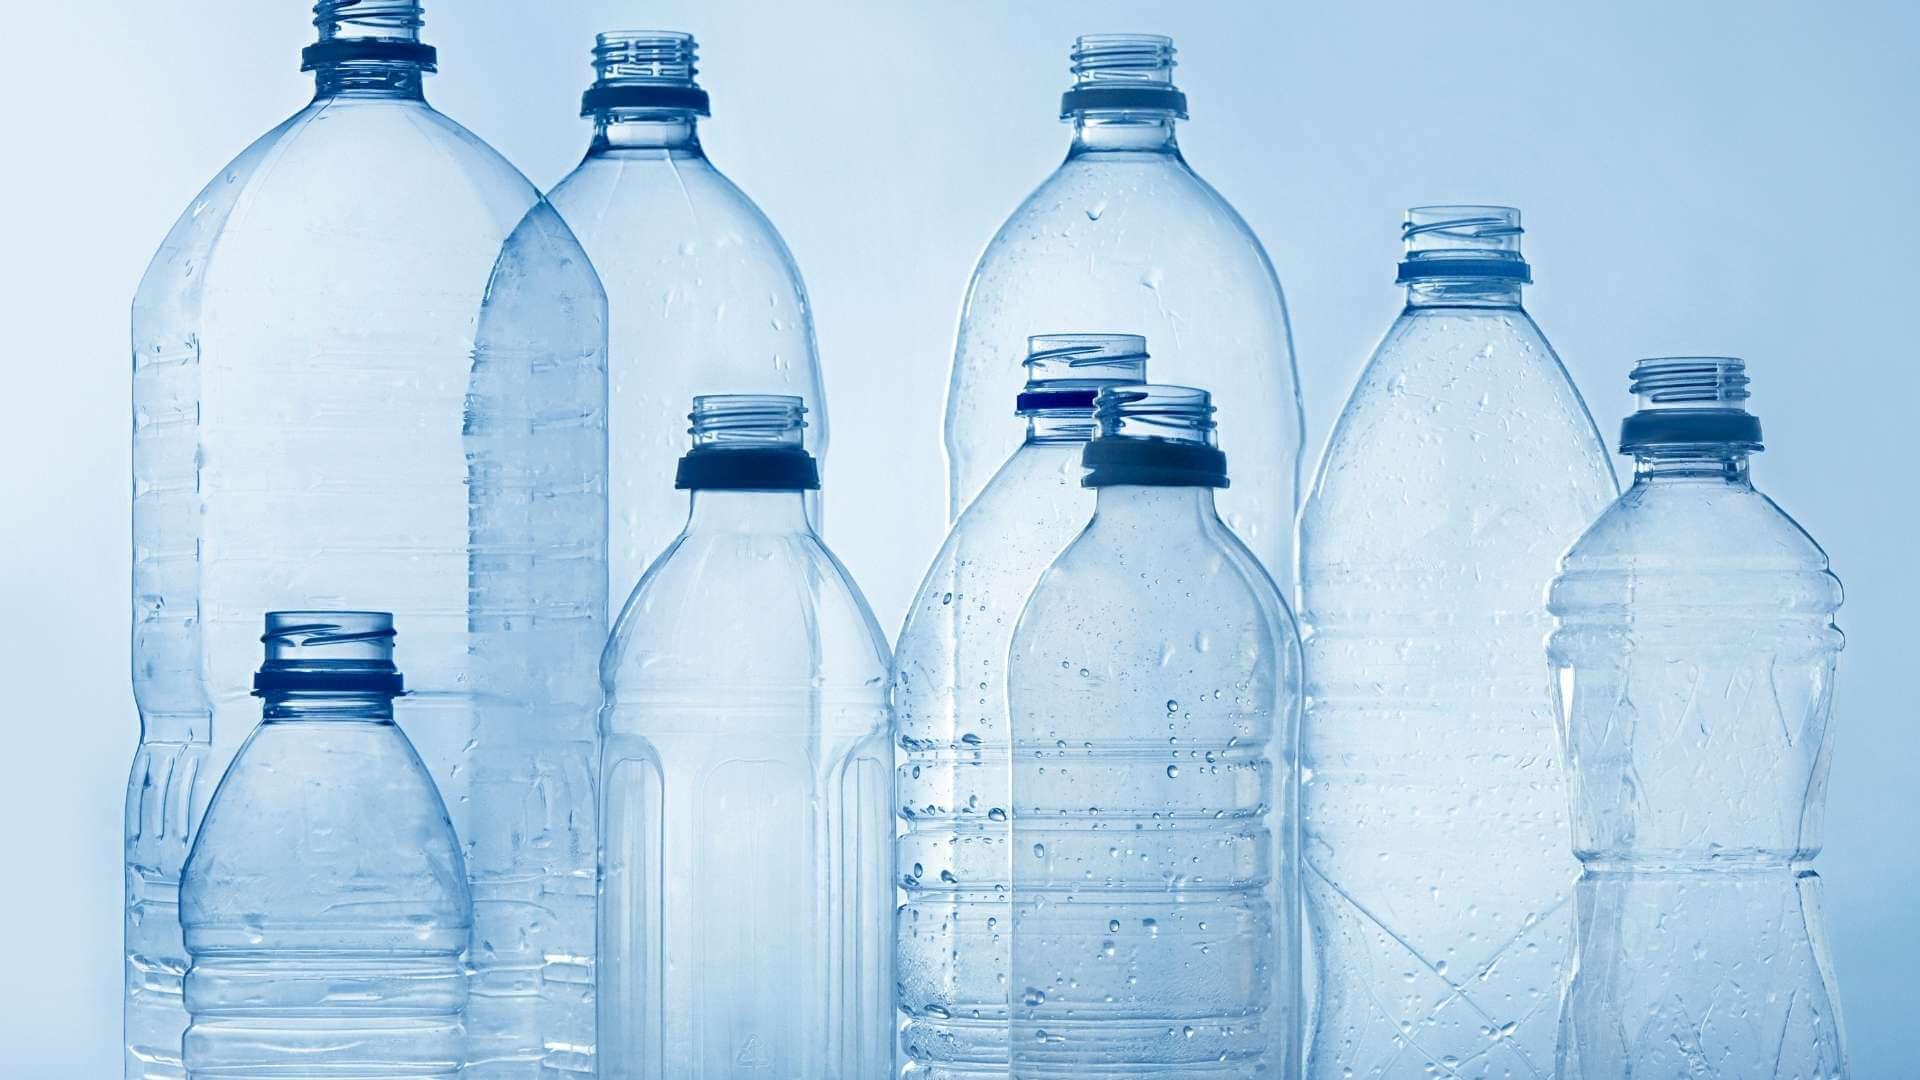 În viitor, plasticul ar putea fi reciclat la nesfârșit